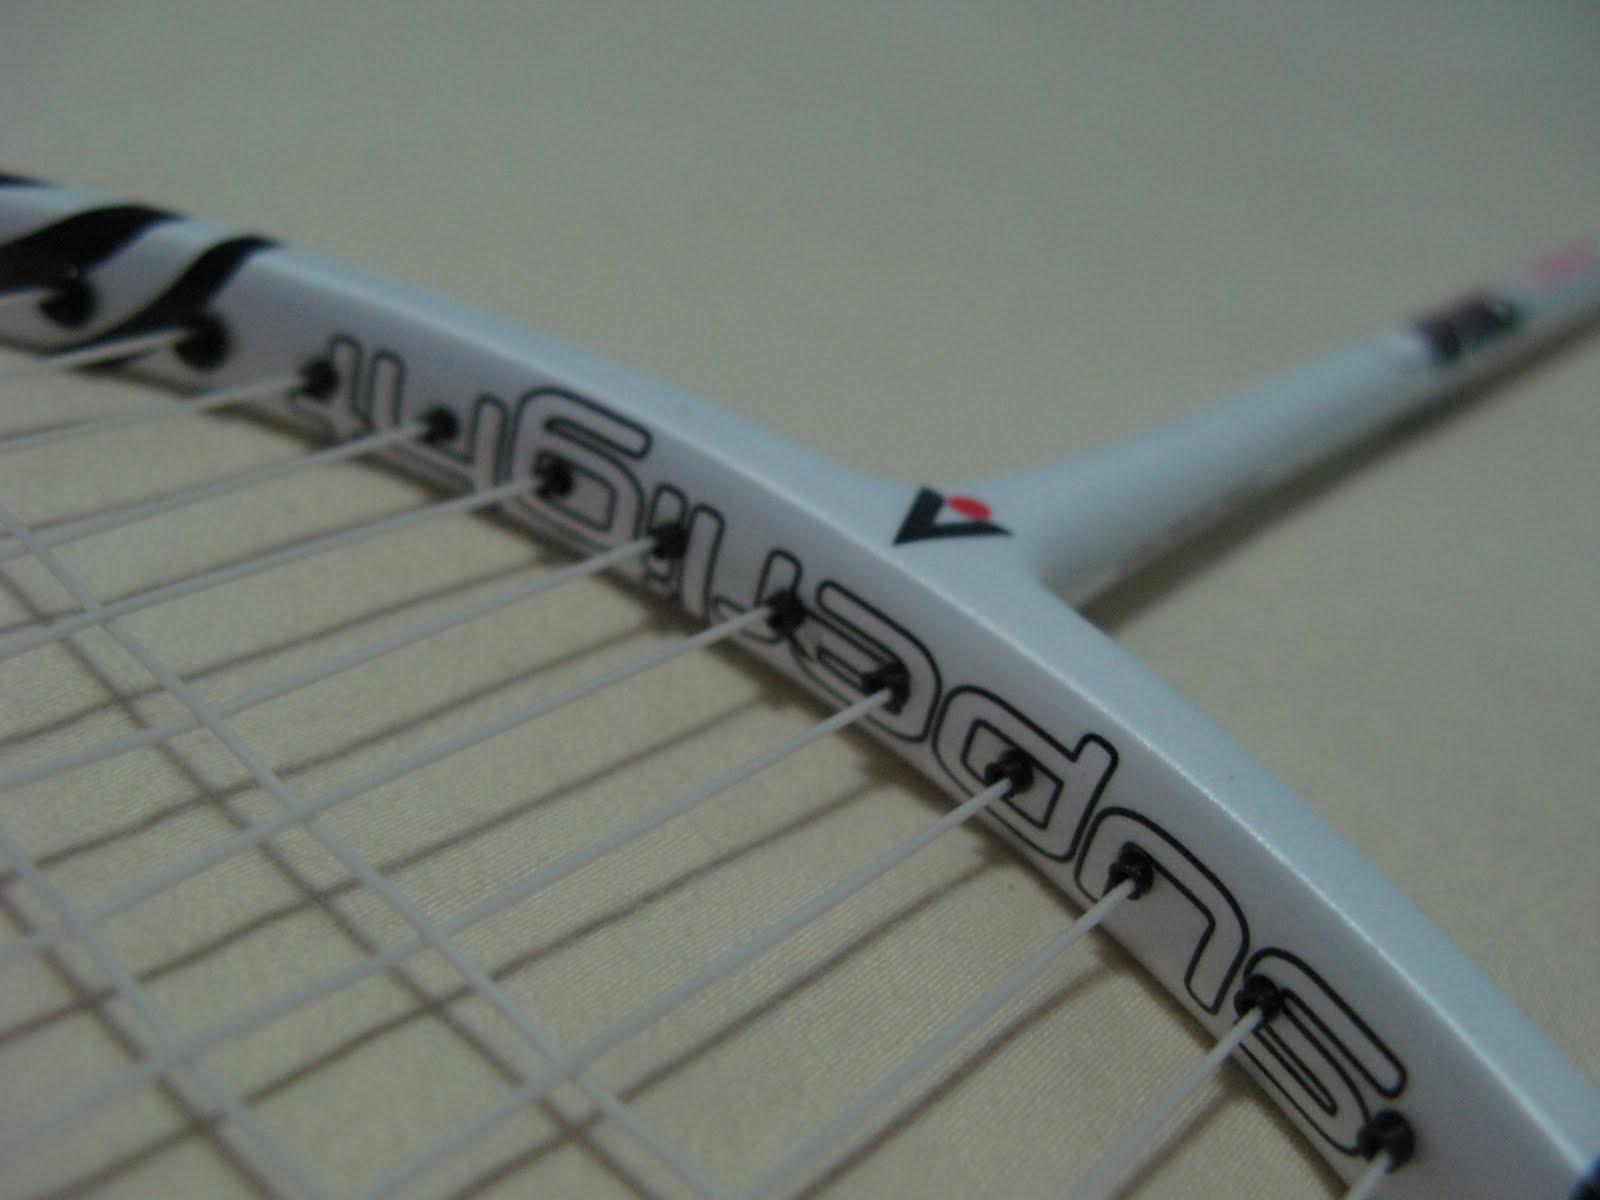 Tucson Shuttlecock Jual Bagus Dan Murah Raket Badminton Bulutangkis Isi Dua Cover Karakal M Tec 70 Iso Gel